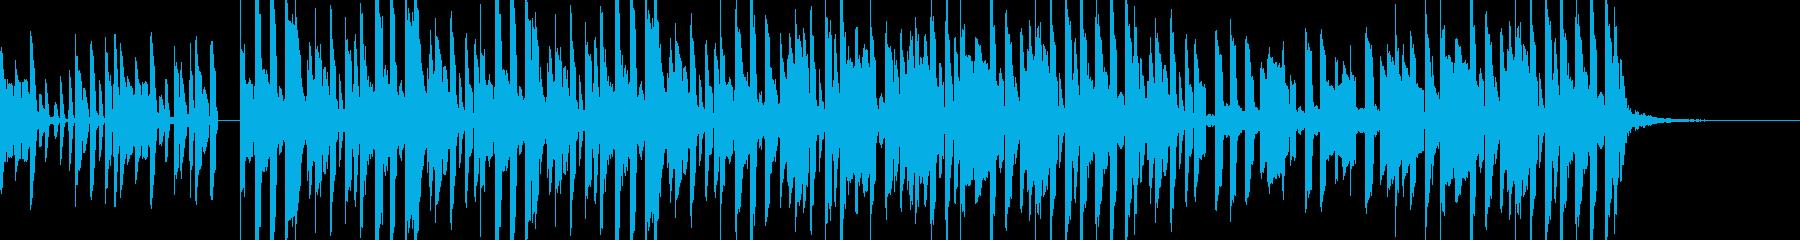 かわいくてコミカル、陽気なBGMの再生済みの波形